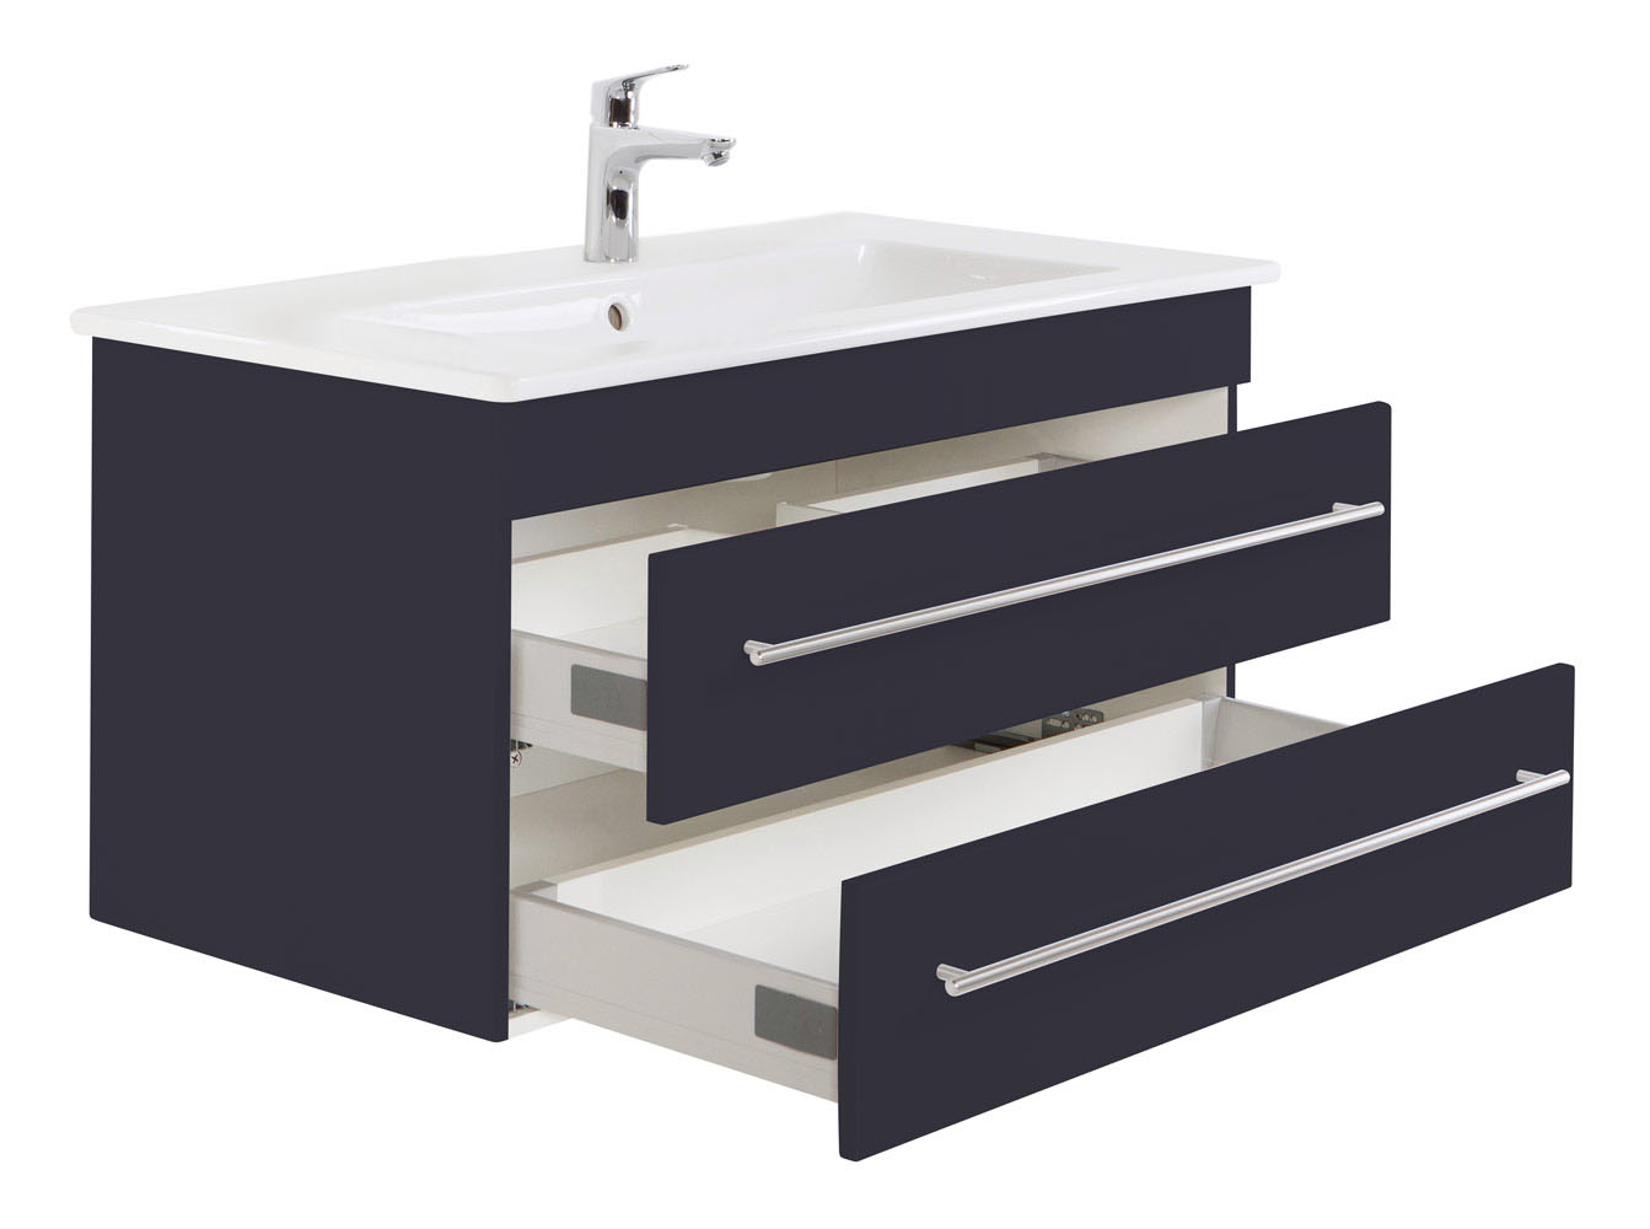 bad waschtisch mit villeroy boch becken venticello 100 cm breit grau bad waschtische. Black Bedroom Furniture Sets. Home Design Ideas